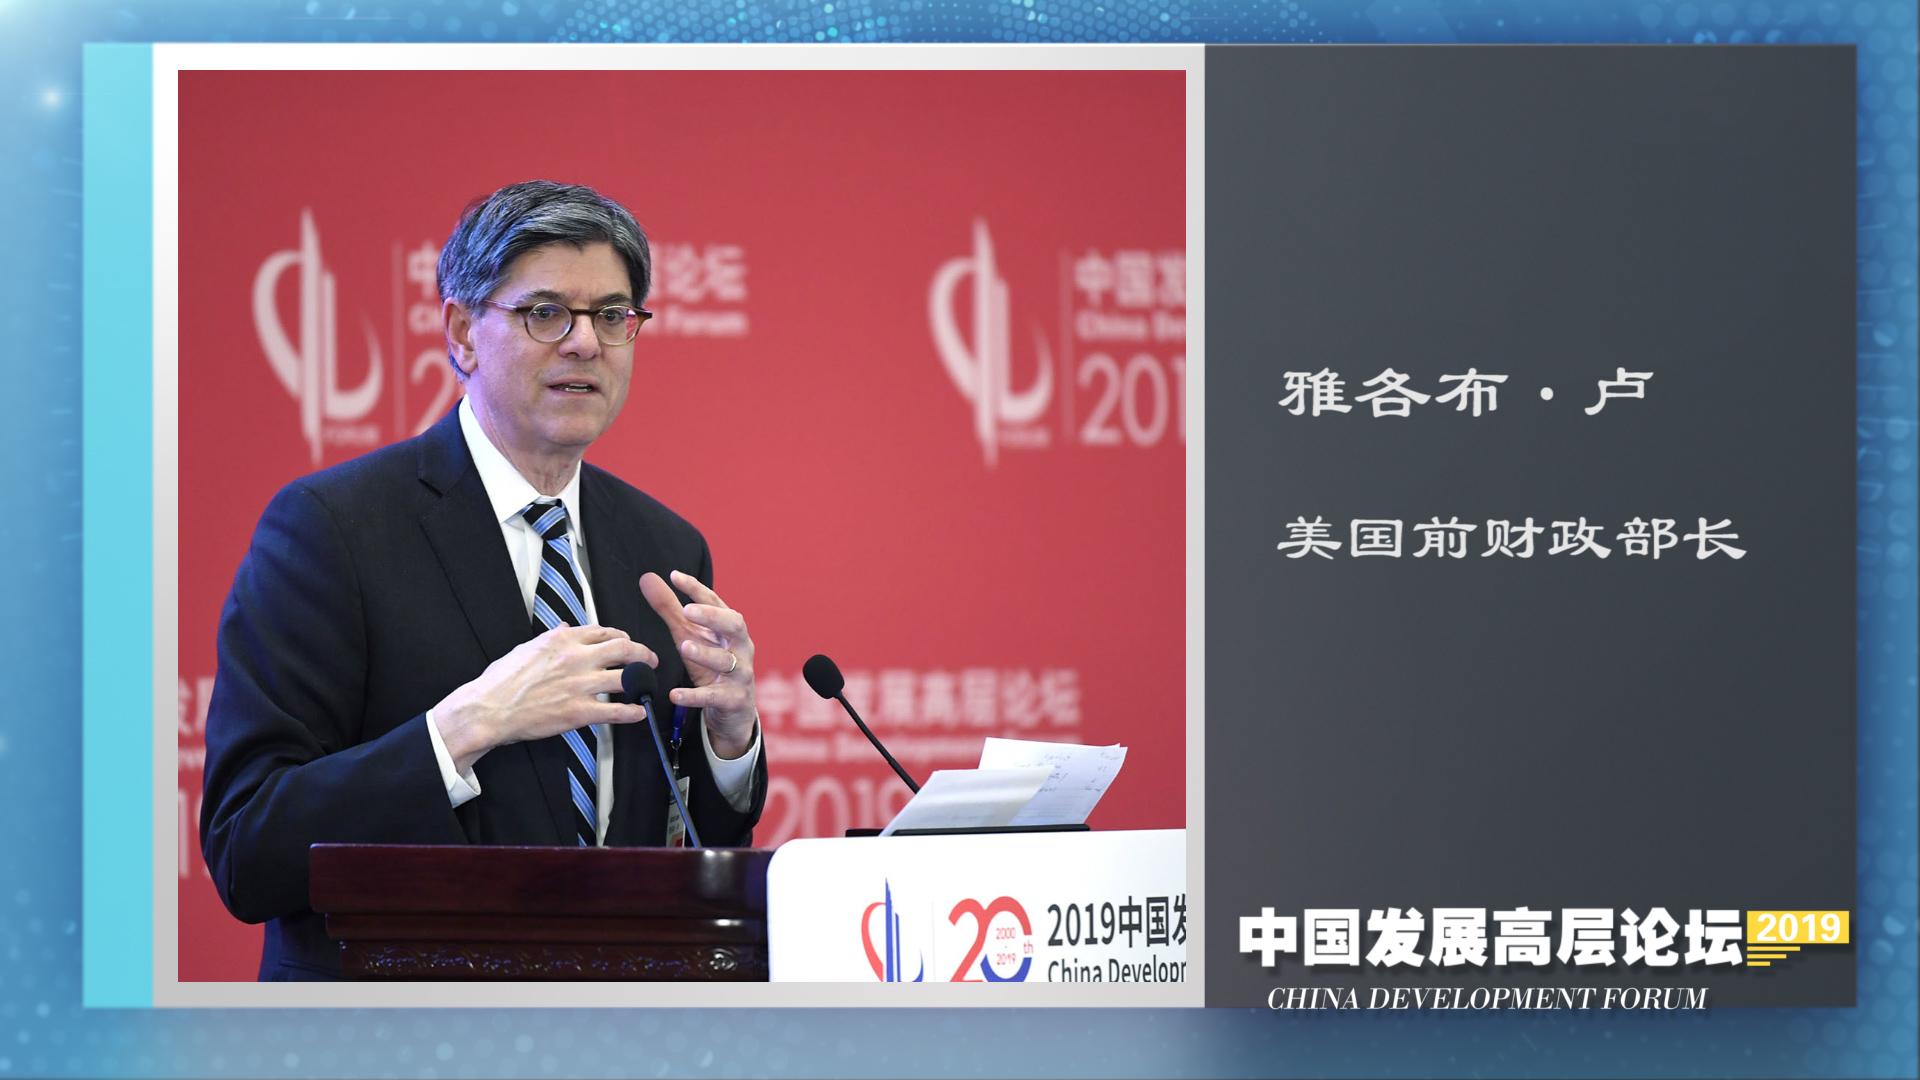 雅各布·卢:市场的开放可以带来双赢局面